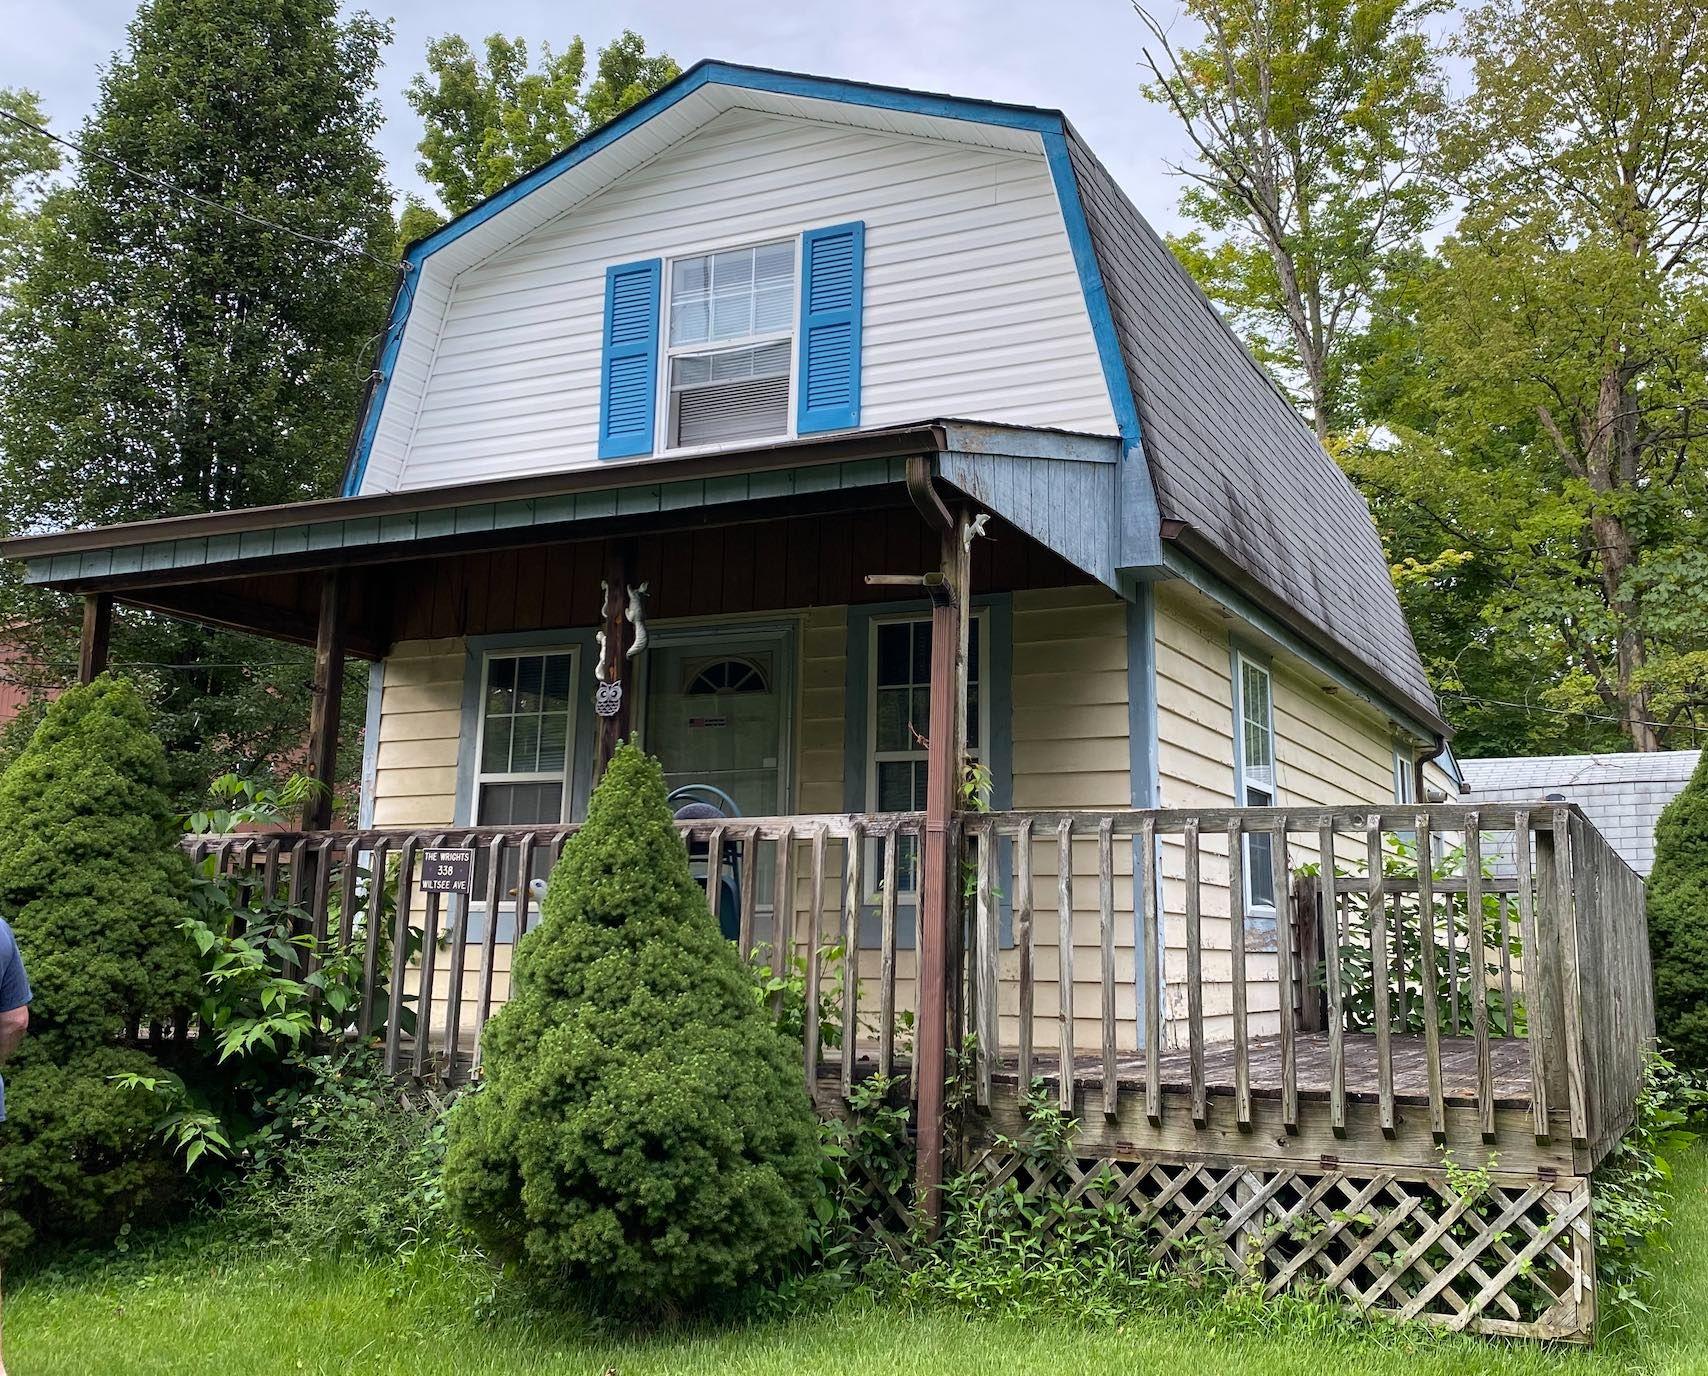 338 Wiltsee Ave, Loveland, OH